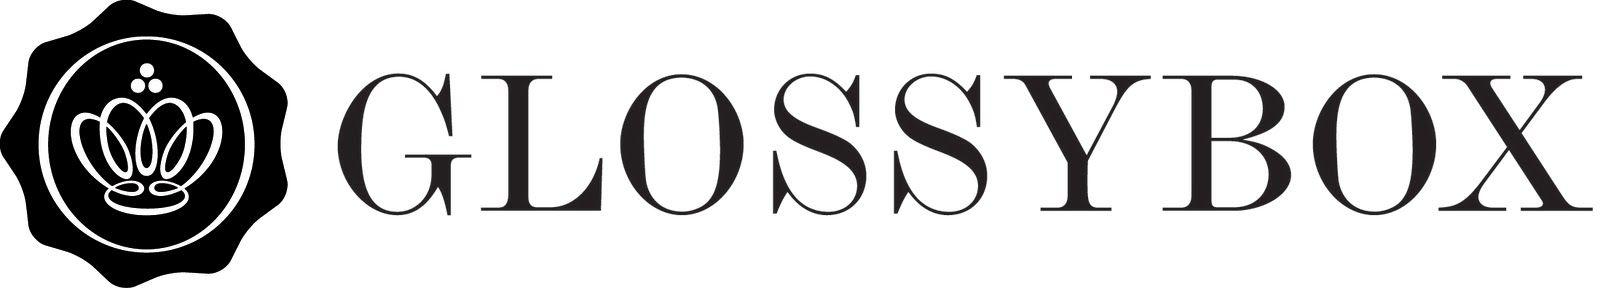 GLOSSYBOX client management de transition